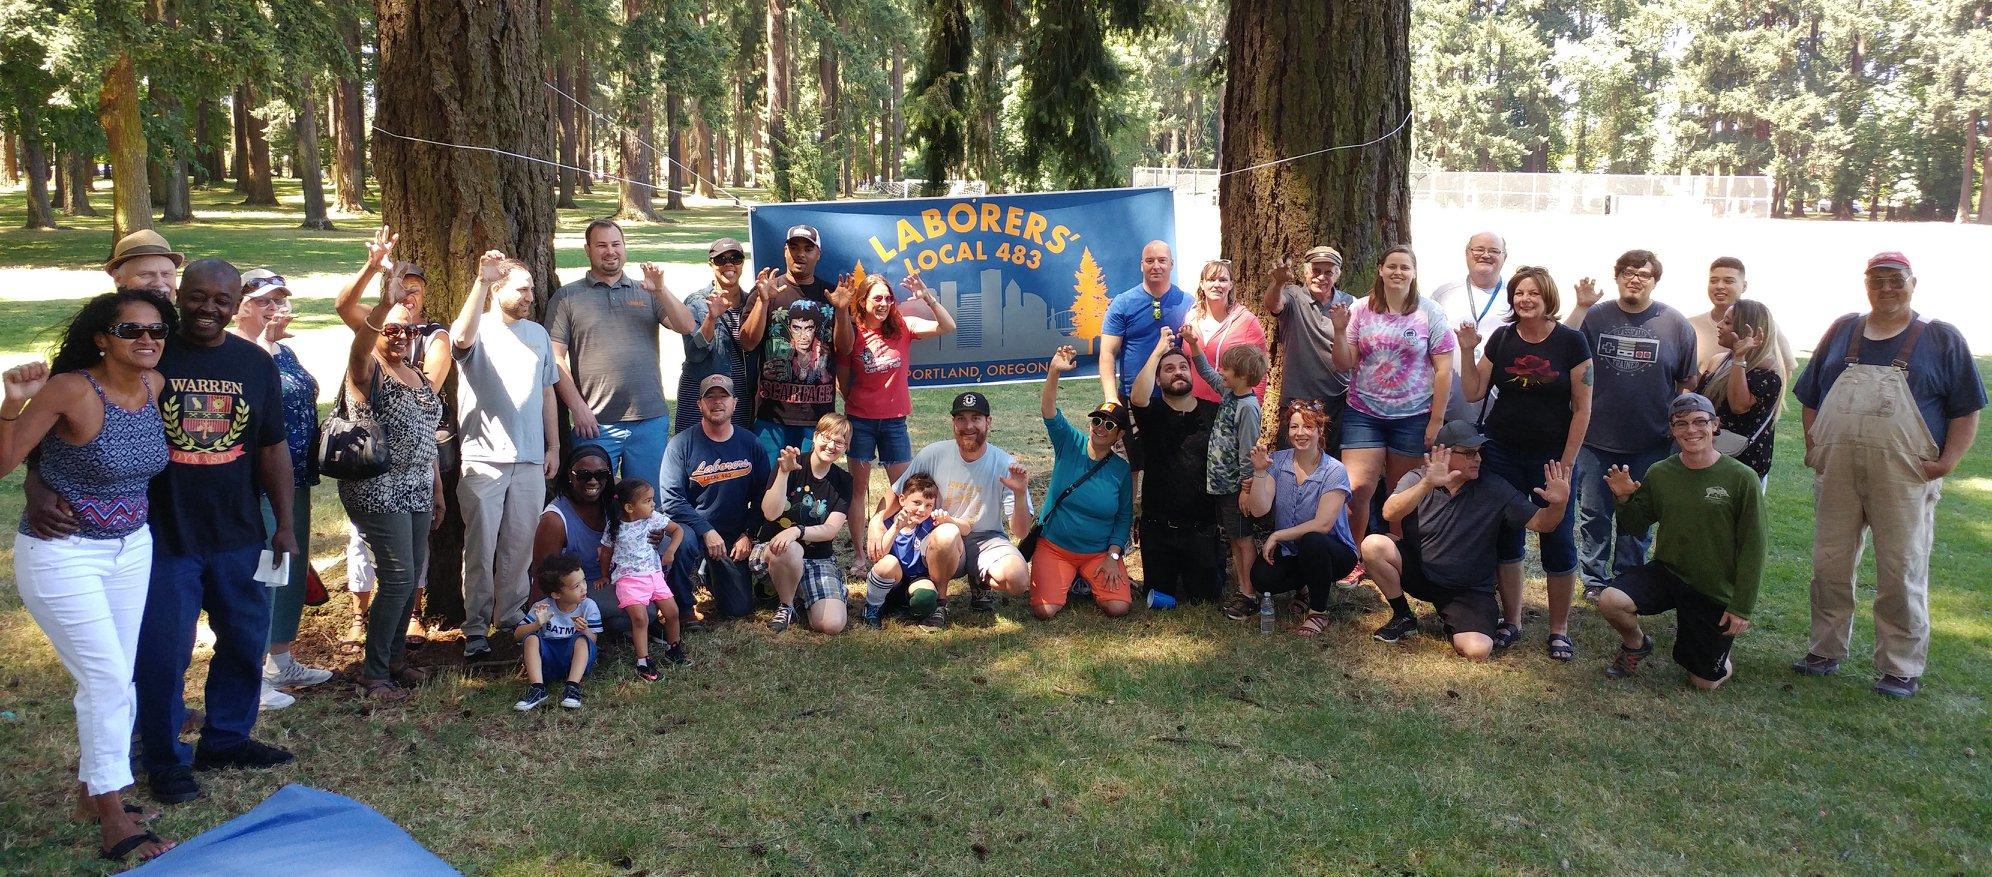 3rd annual laborers 483 picnic.jpg